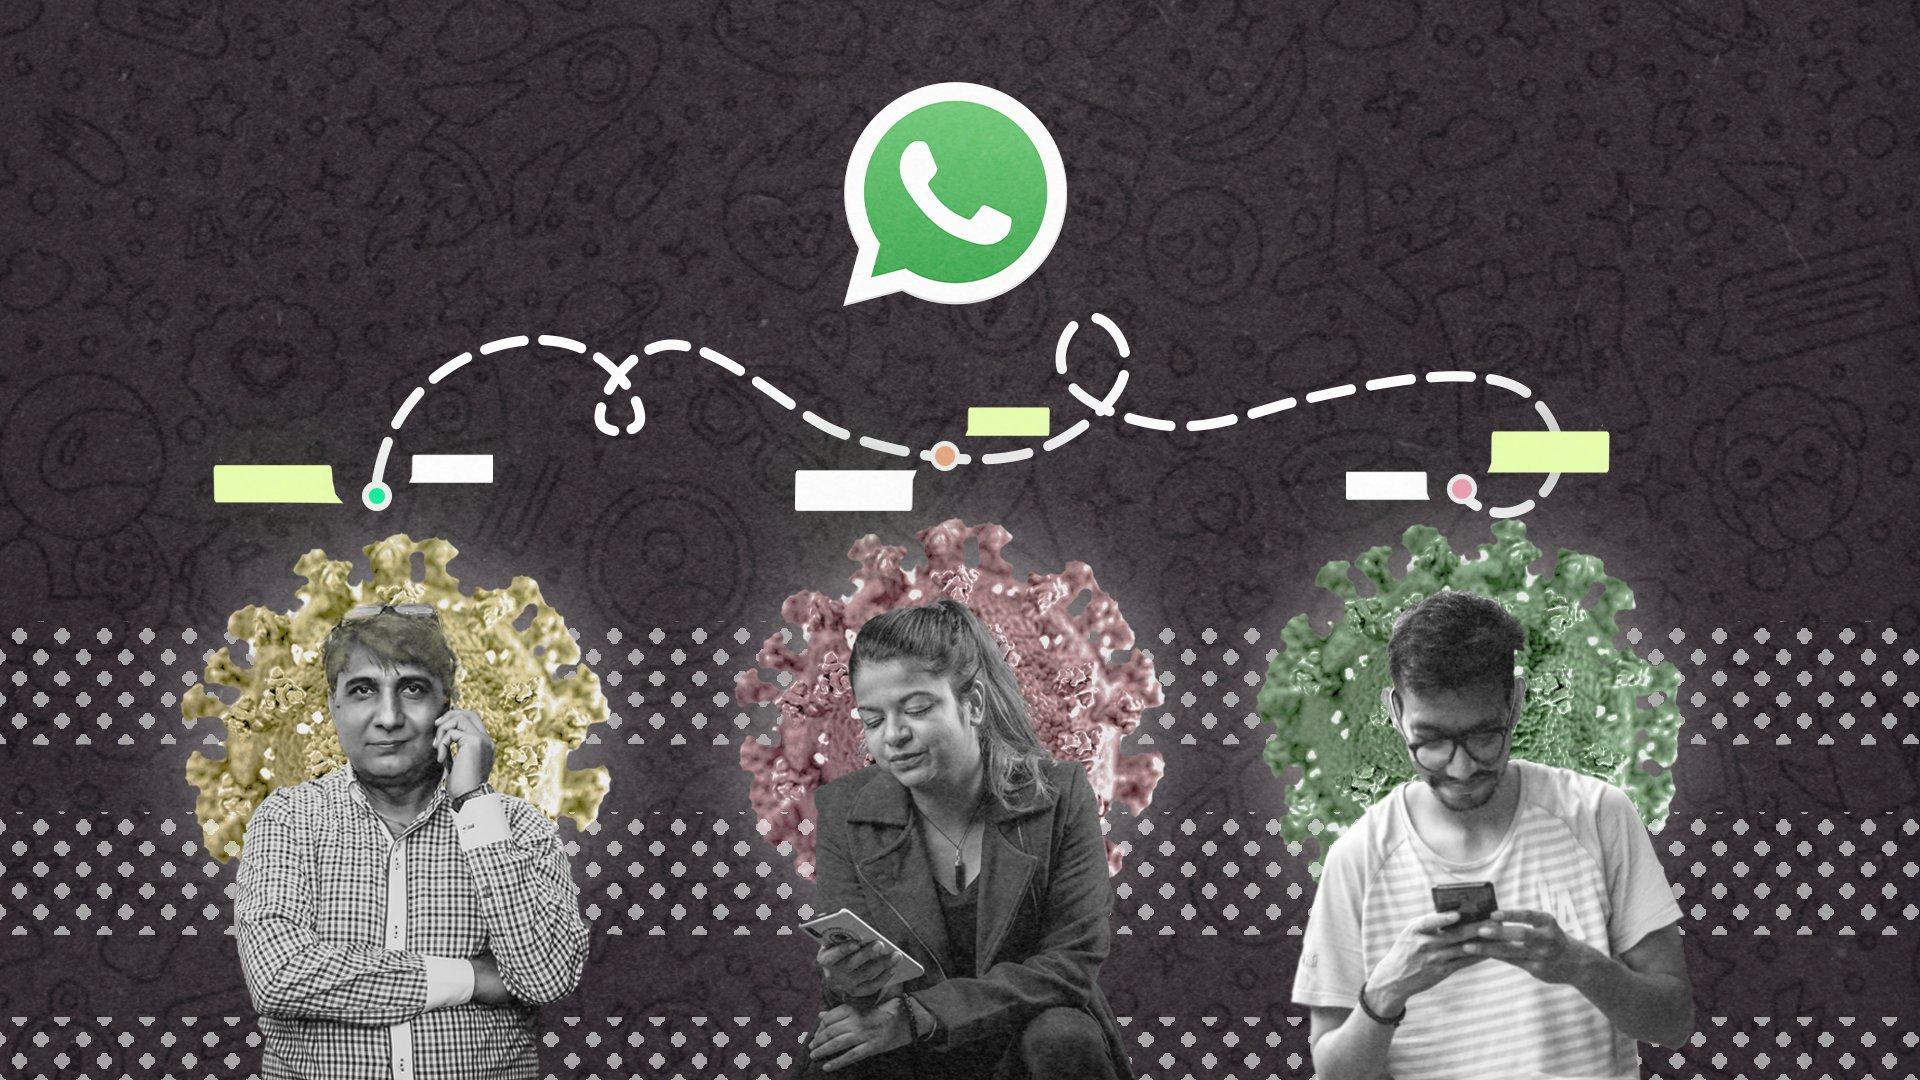 Ilustración de tres personas mirando sus teléfonos con un símbolo de WhatsApp encima de ellos.